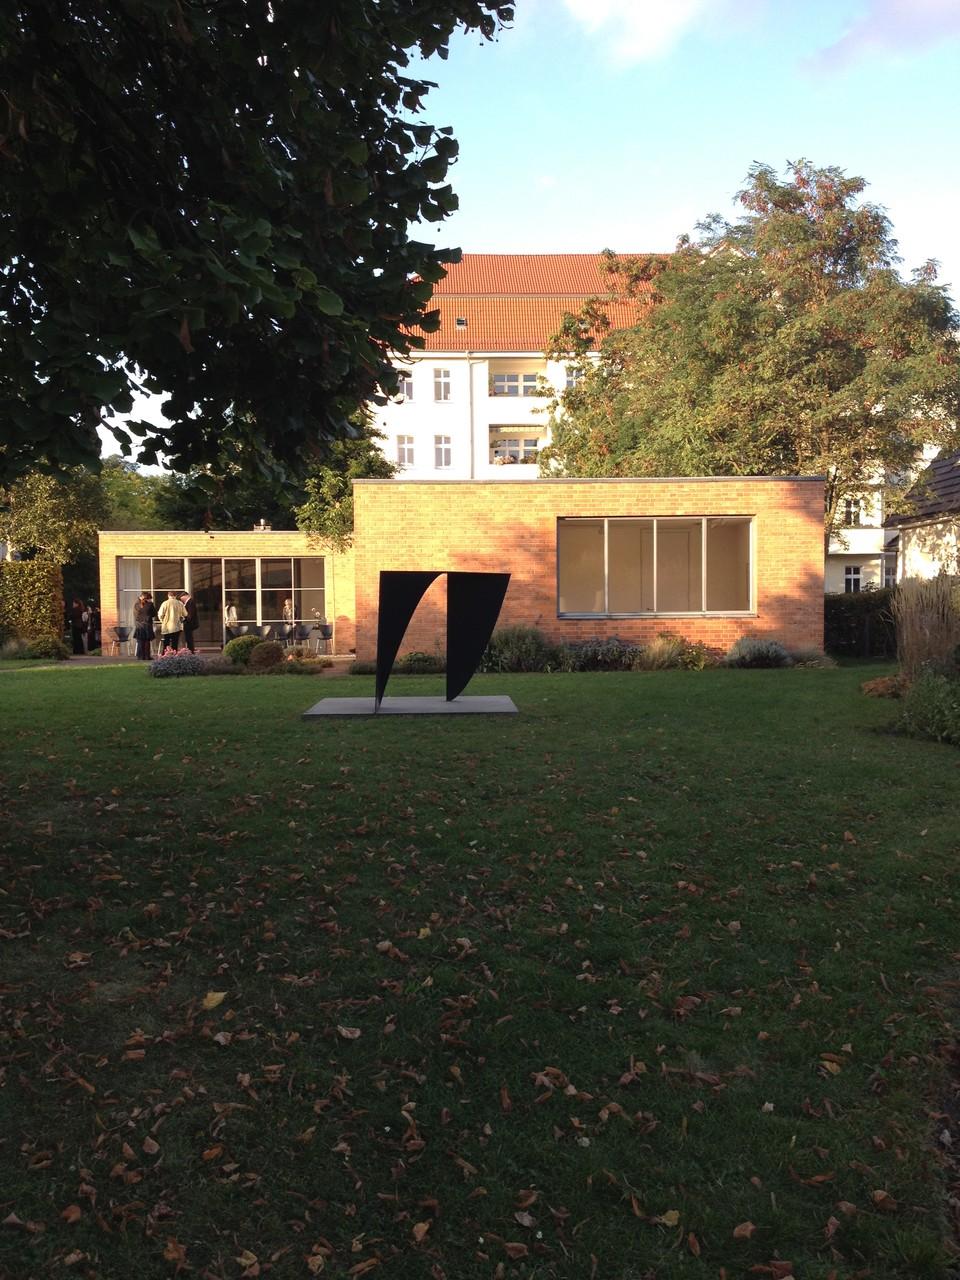 Skulptur im Garten des Mies van der Rohe Haus, Berlin 1994